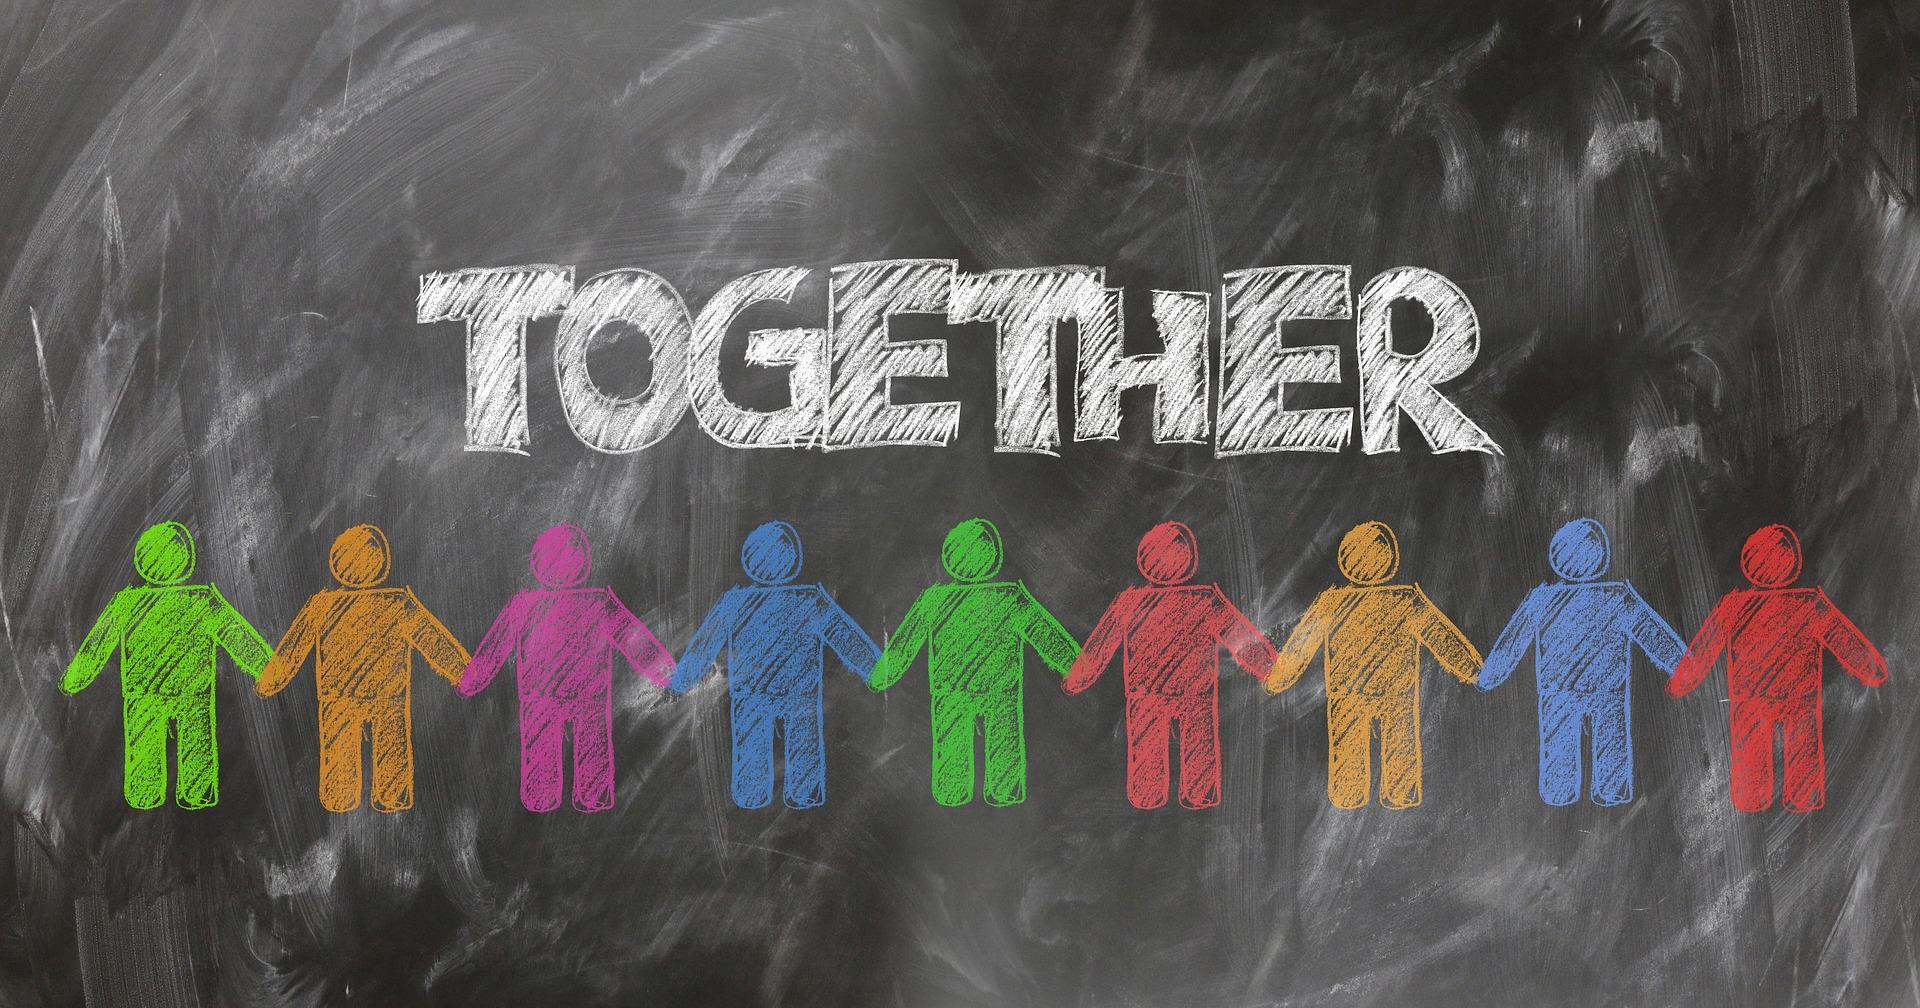 Together 2450090 1920